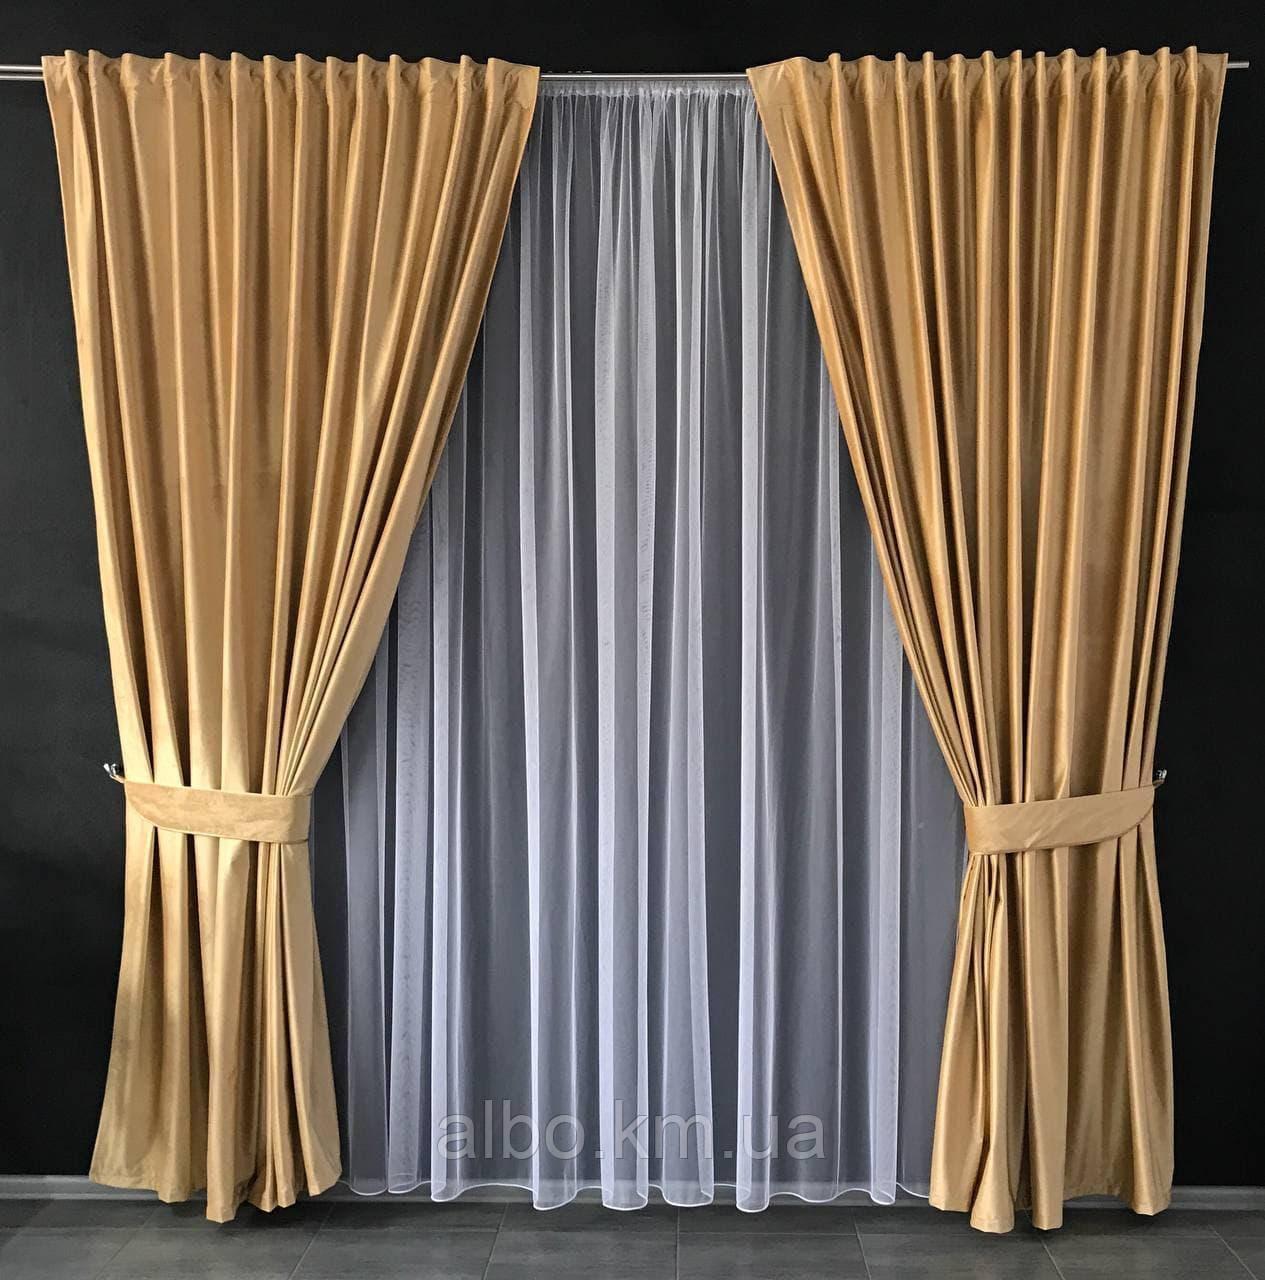 Готовые шторы для зала спальни, шторы на трубной ленте в комнату хол зал квартиру, шторы бархатные для спальни